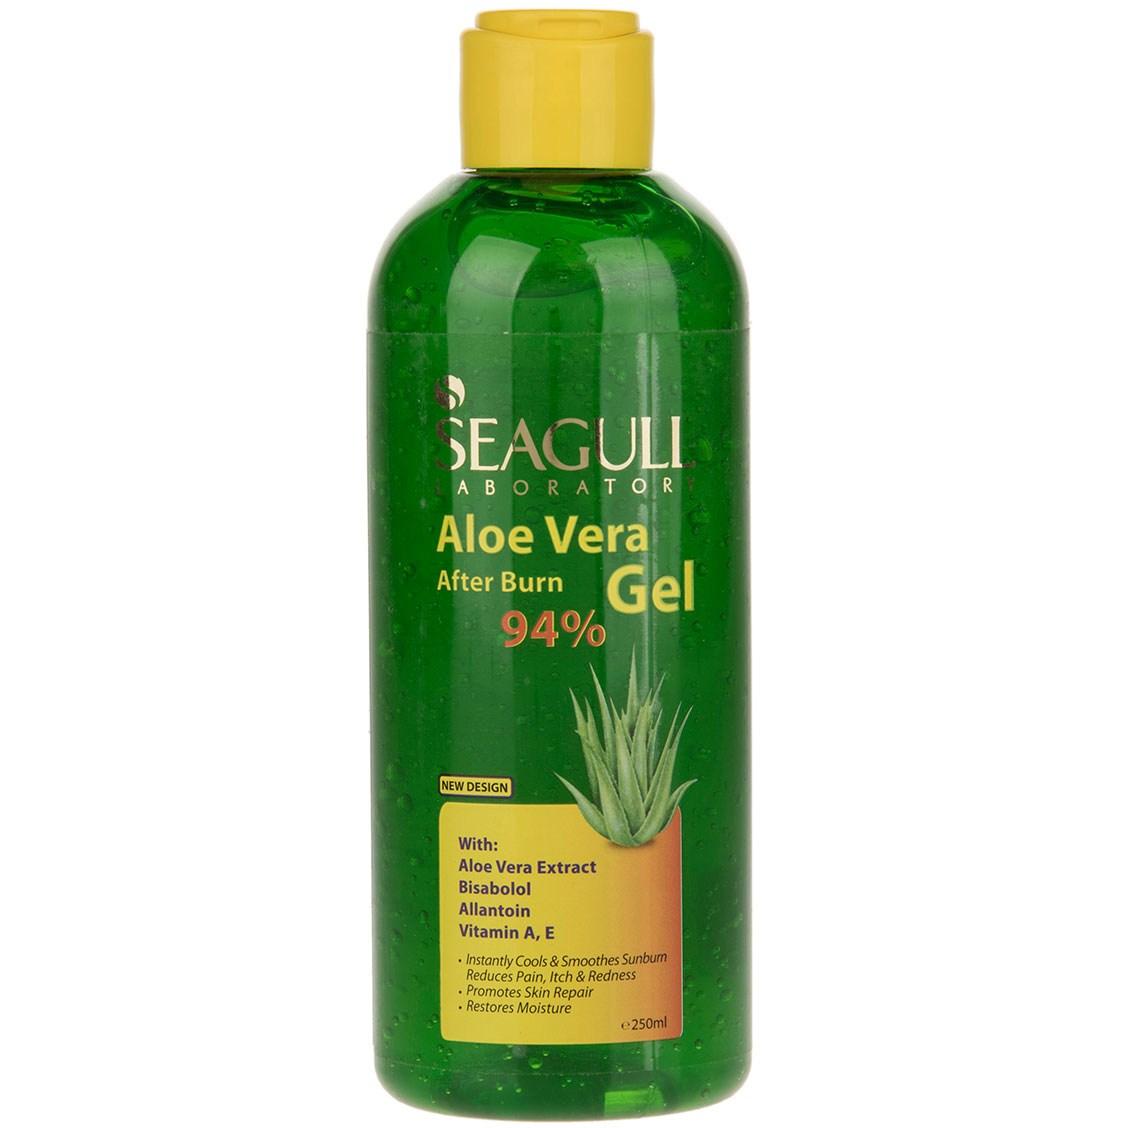 قیمت ژل سوختگی پس از آفتاب سی گل مدل Aloe Vera حجم 250 میلی لیتر